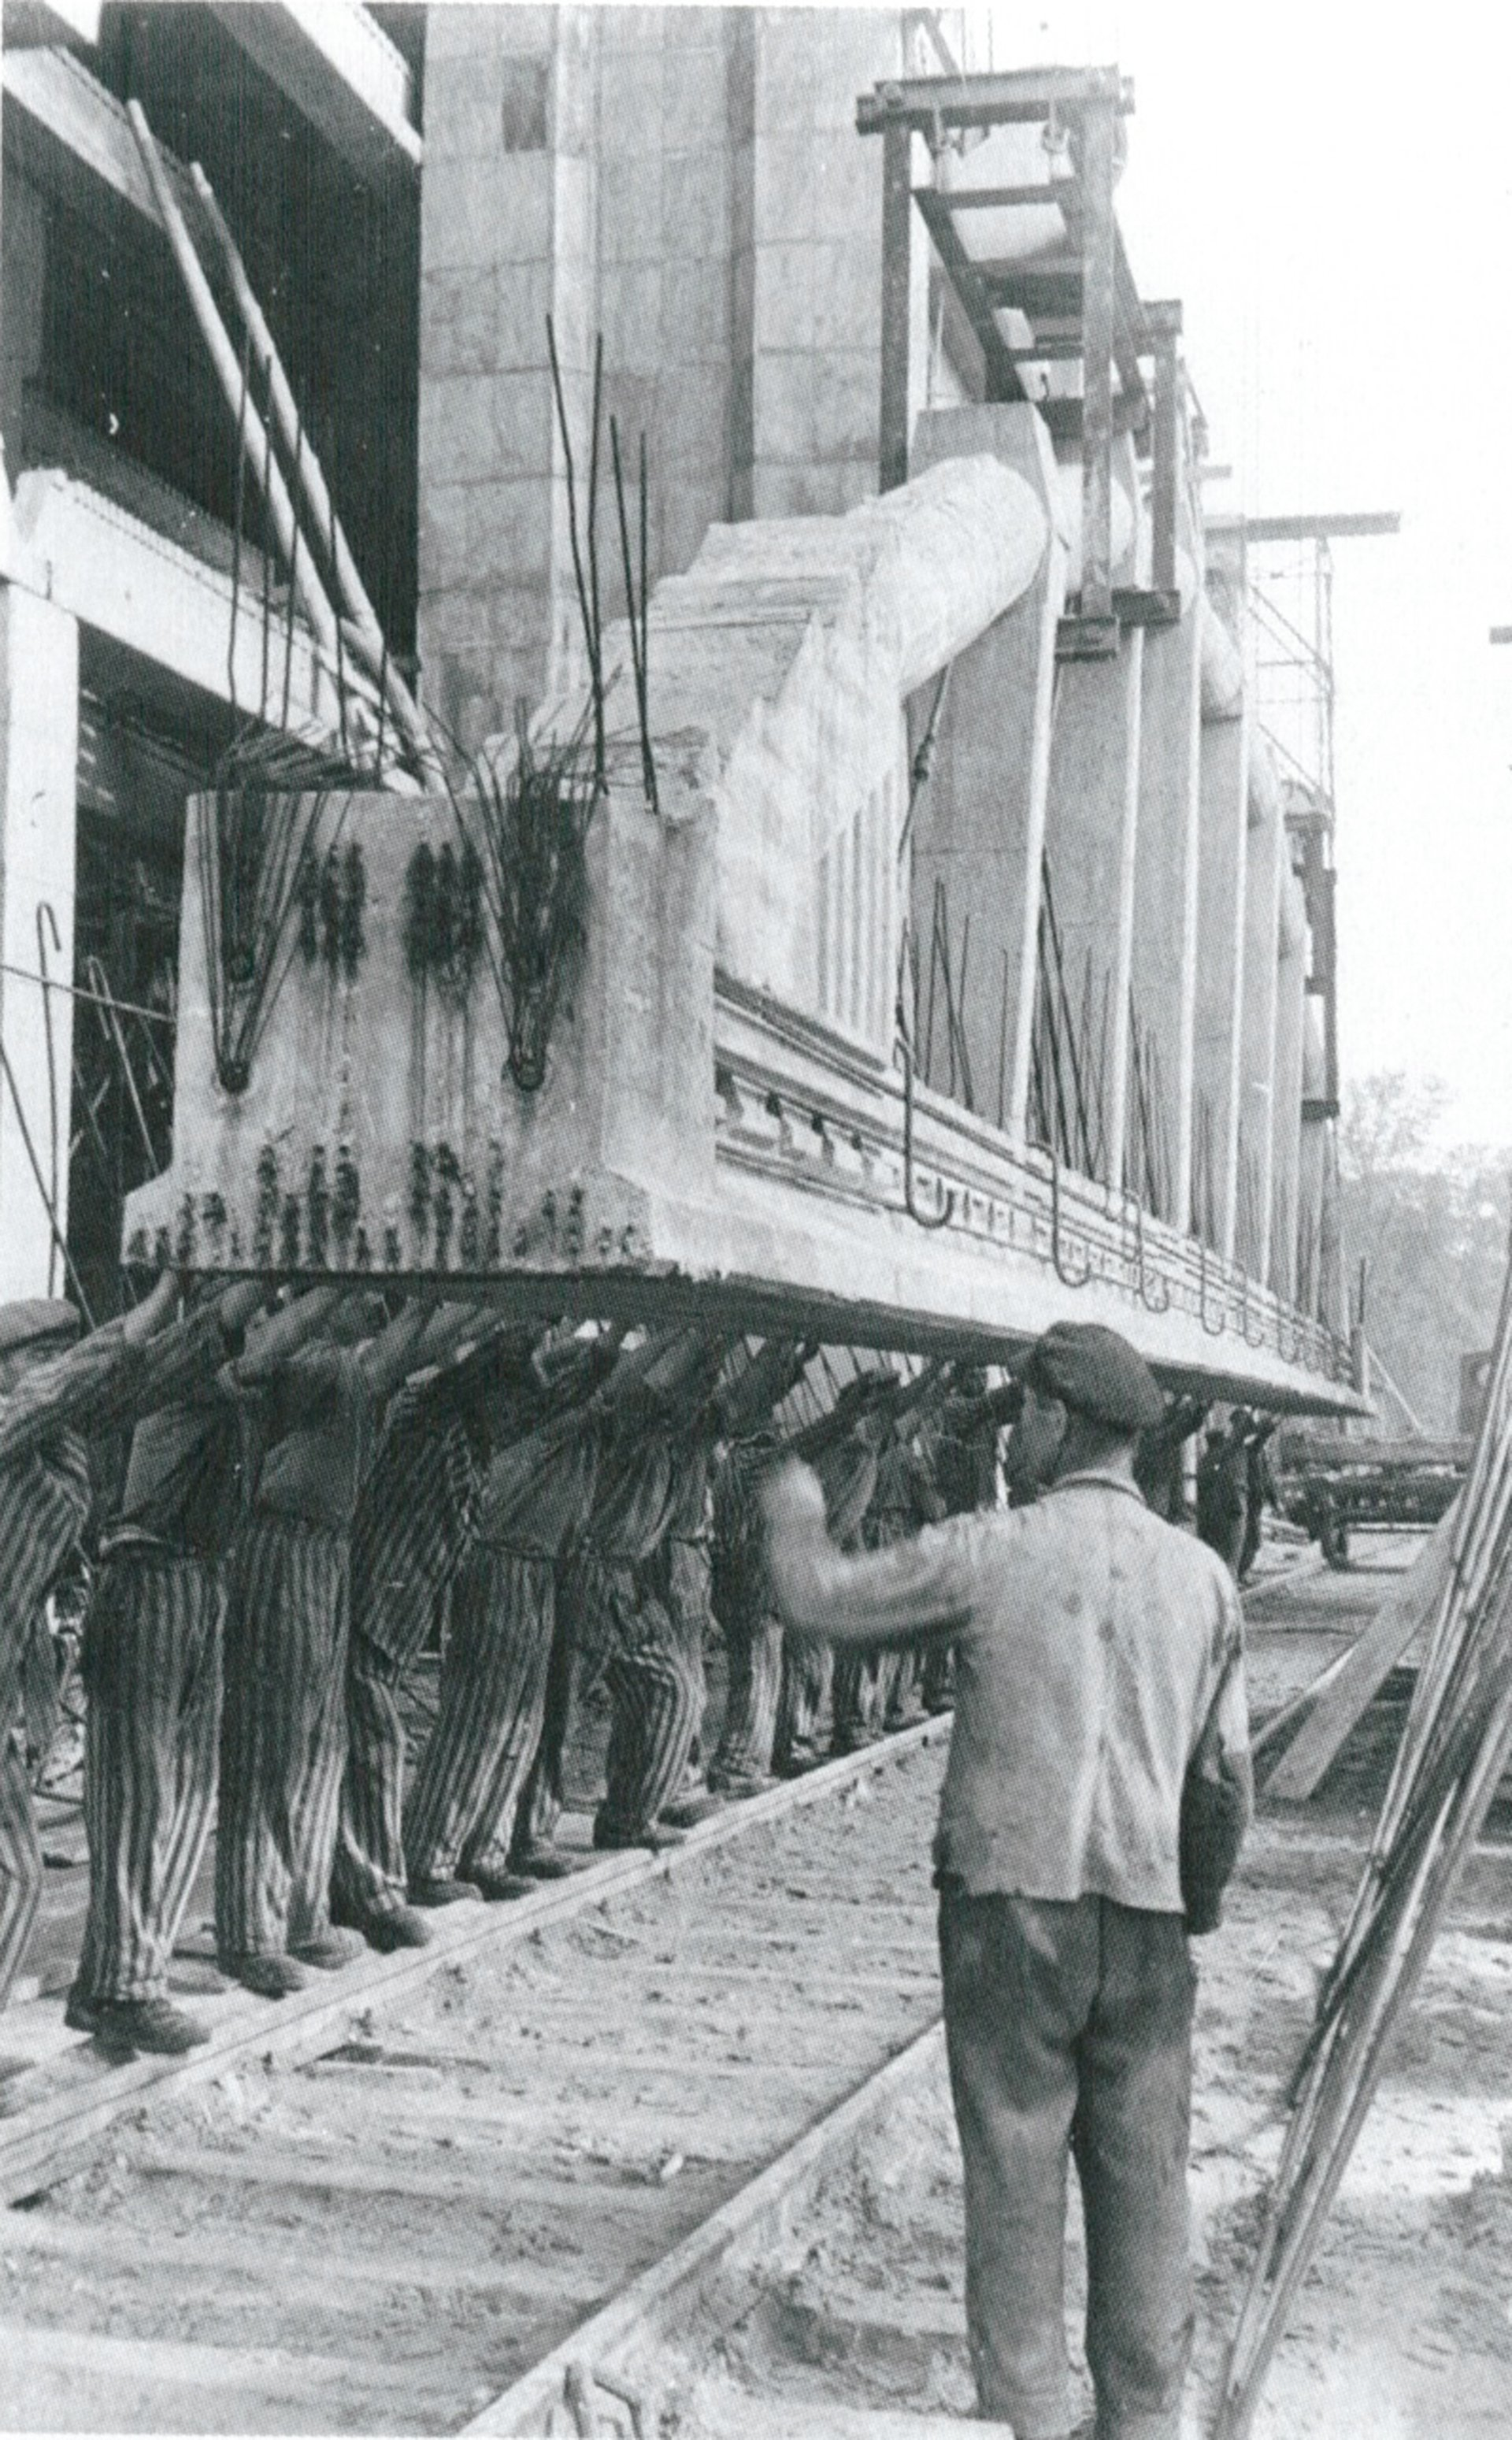 Presos del recinto secundario de Farge construyen un búnker a prueba de bombas para la fabricación de submarinos. 1944